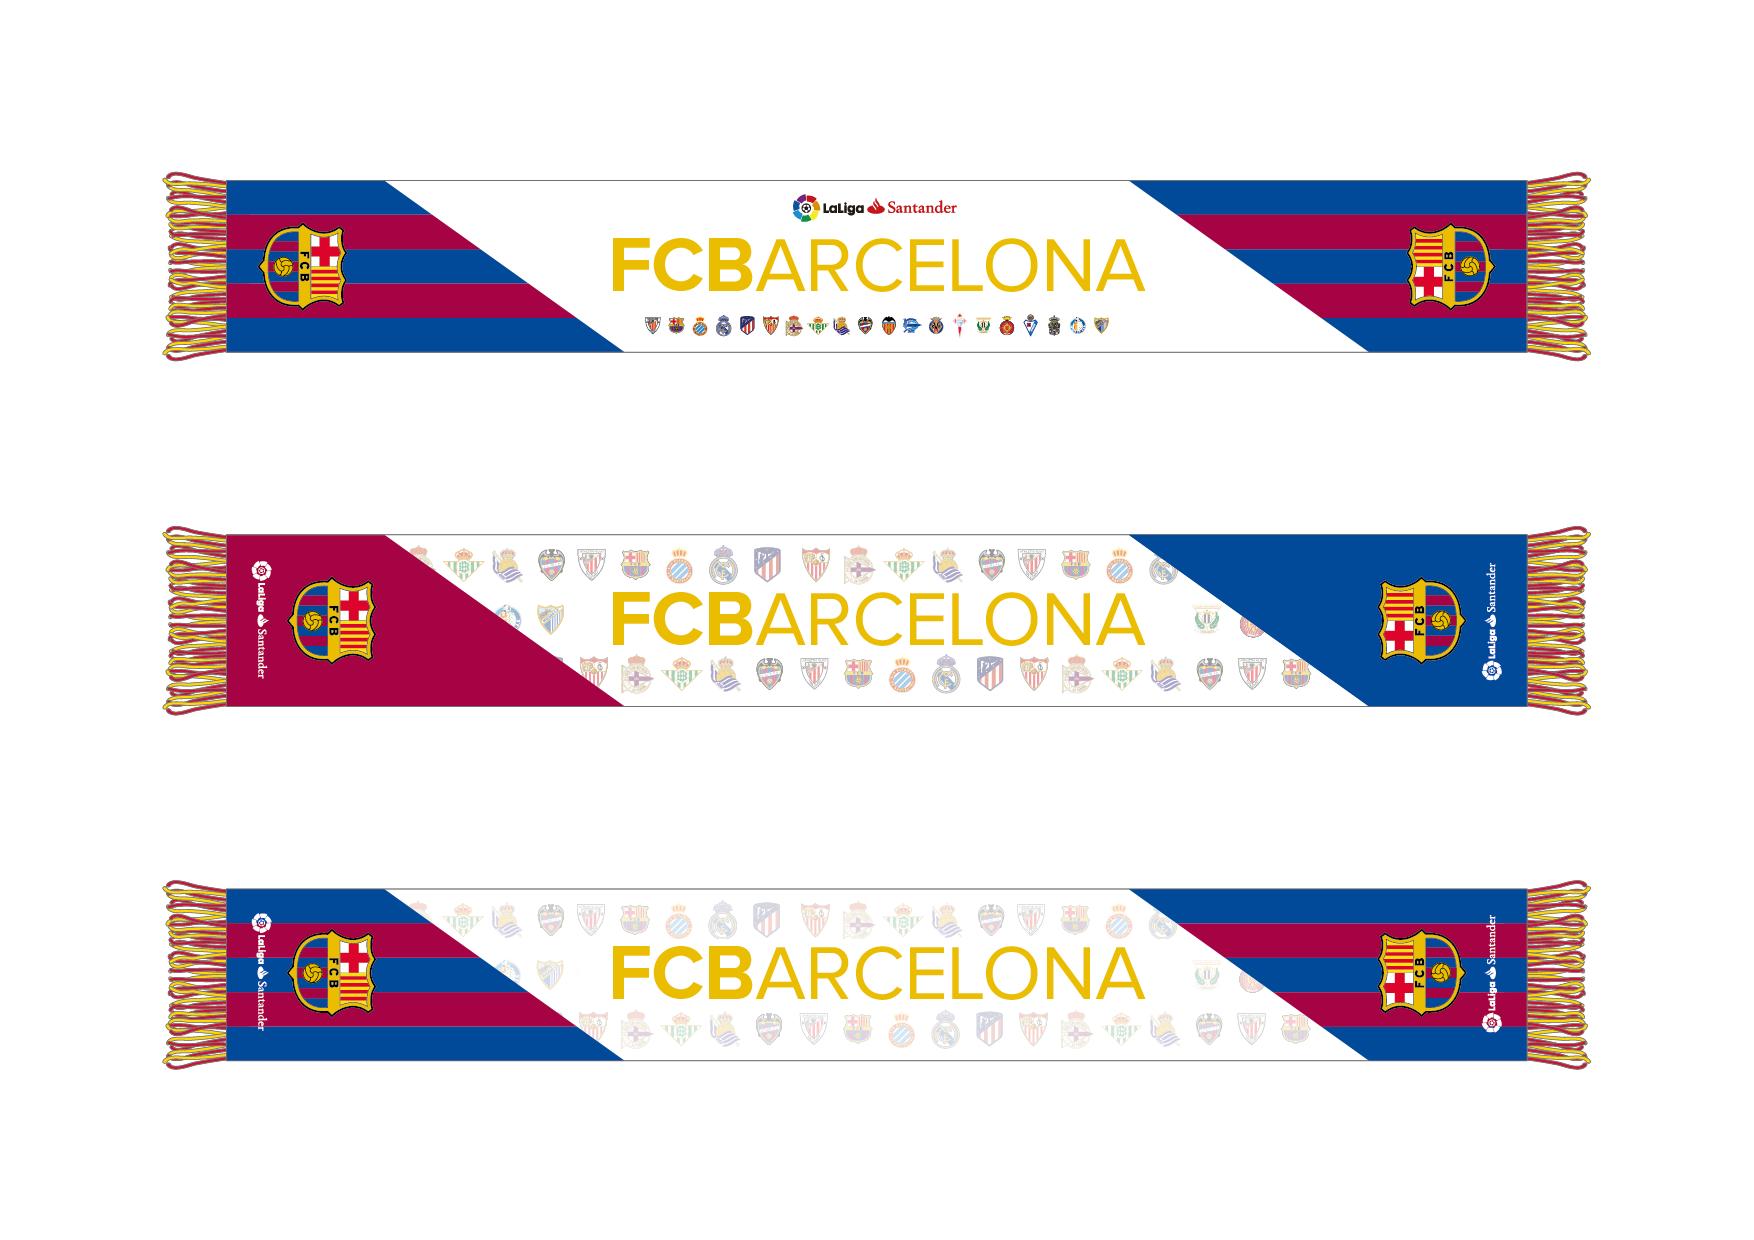 Bufandas_LaLigaSantander_FCBarcelona_v01-01